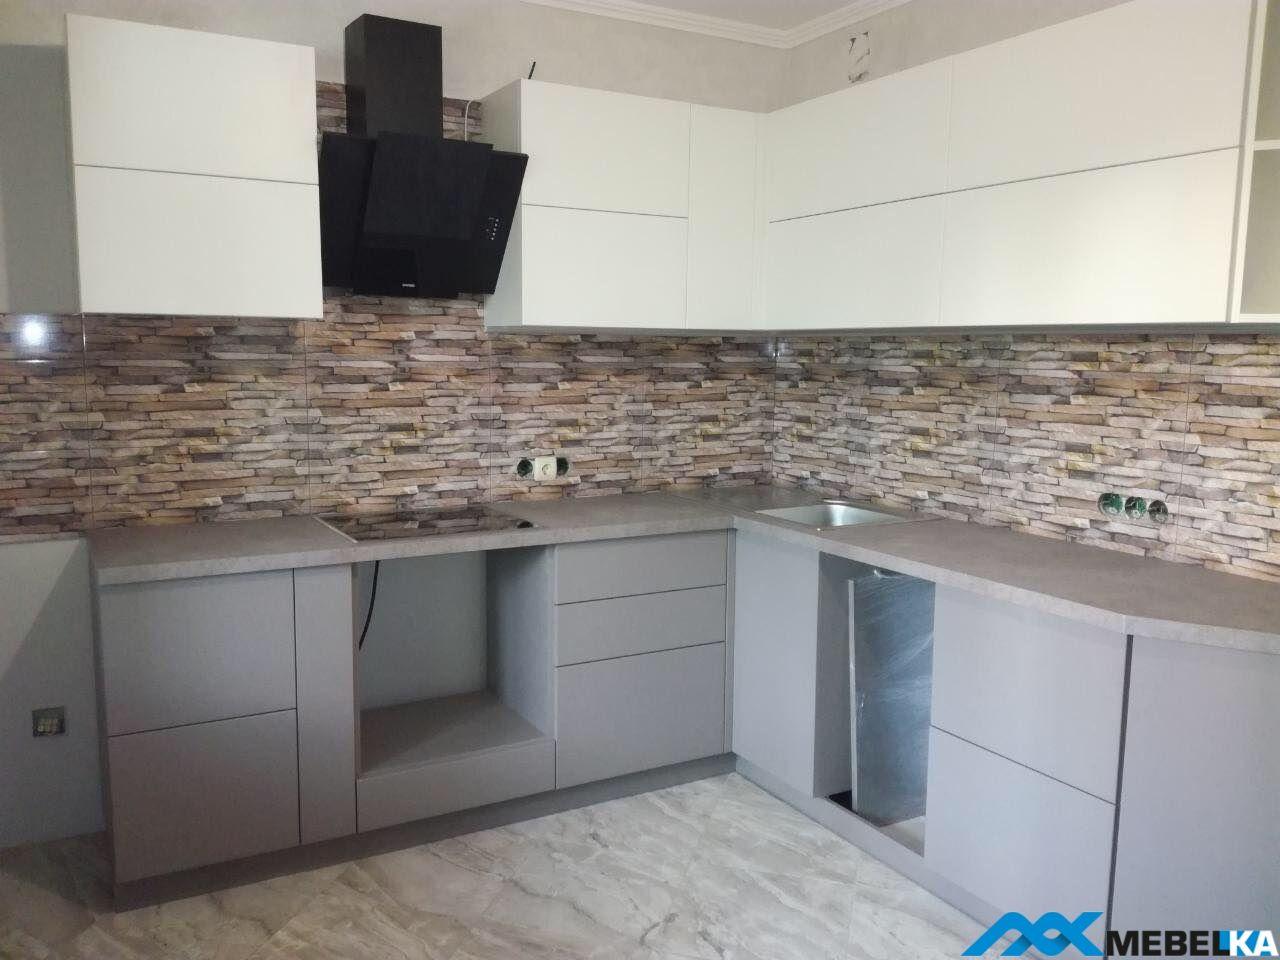 Классические кухни — фото, дизайн интерьера, гид по мебели и ремонту | 960x1280